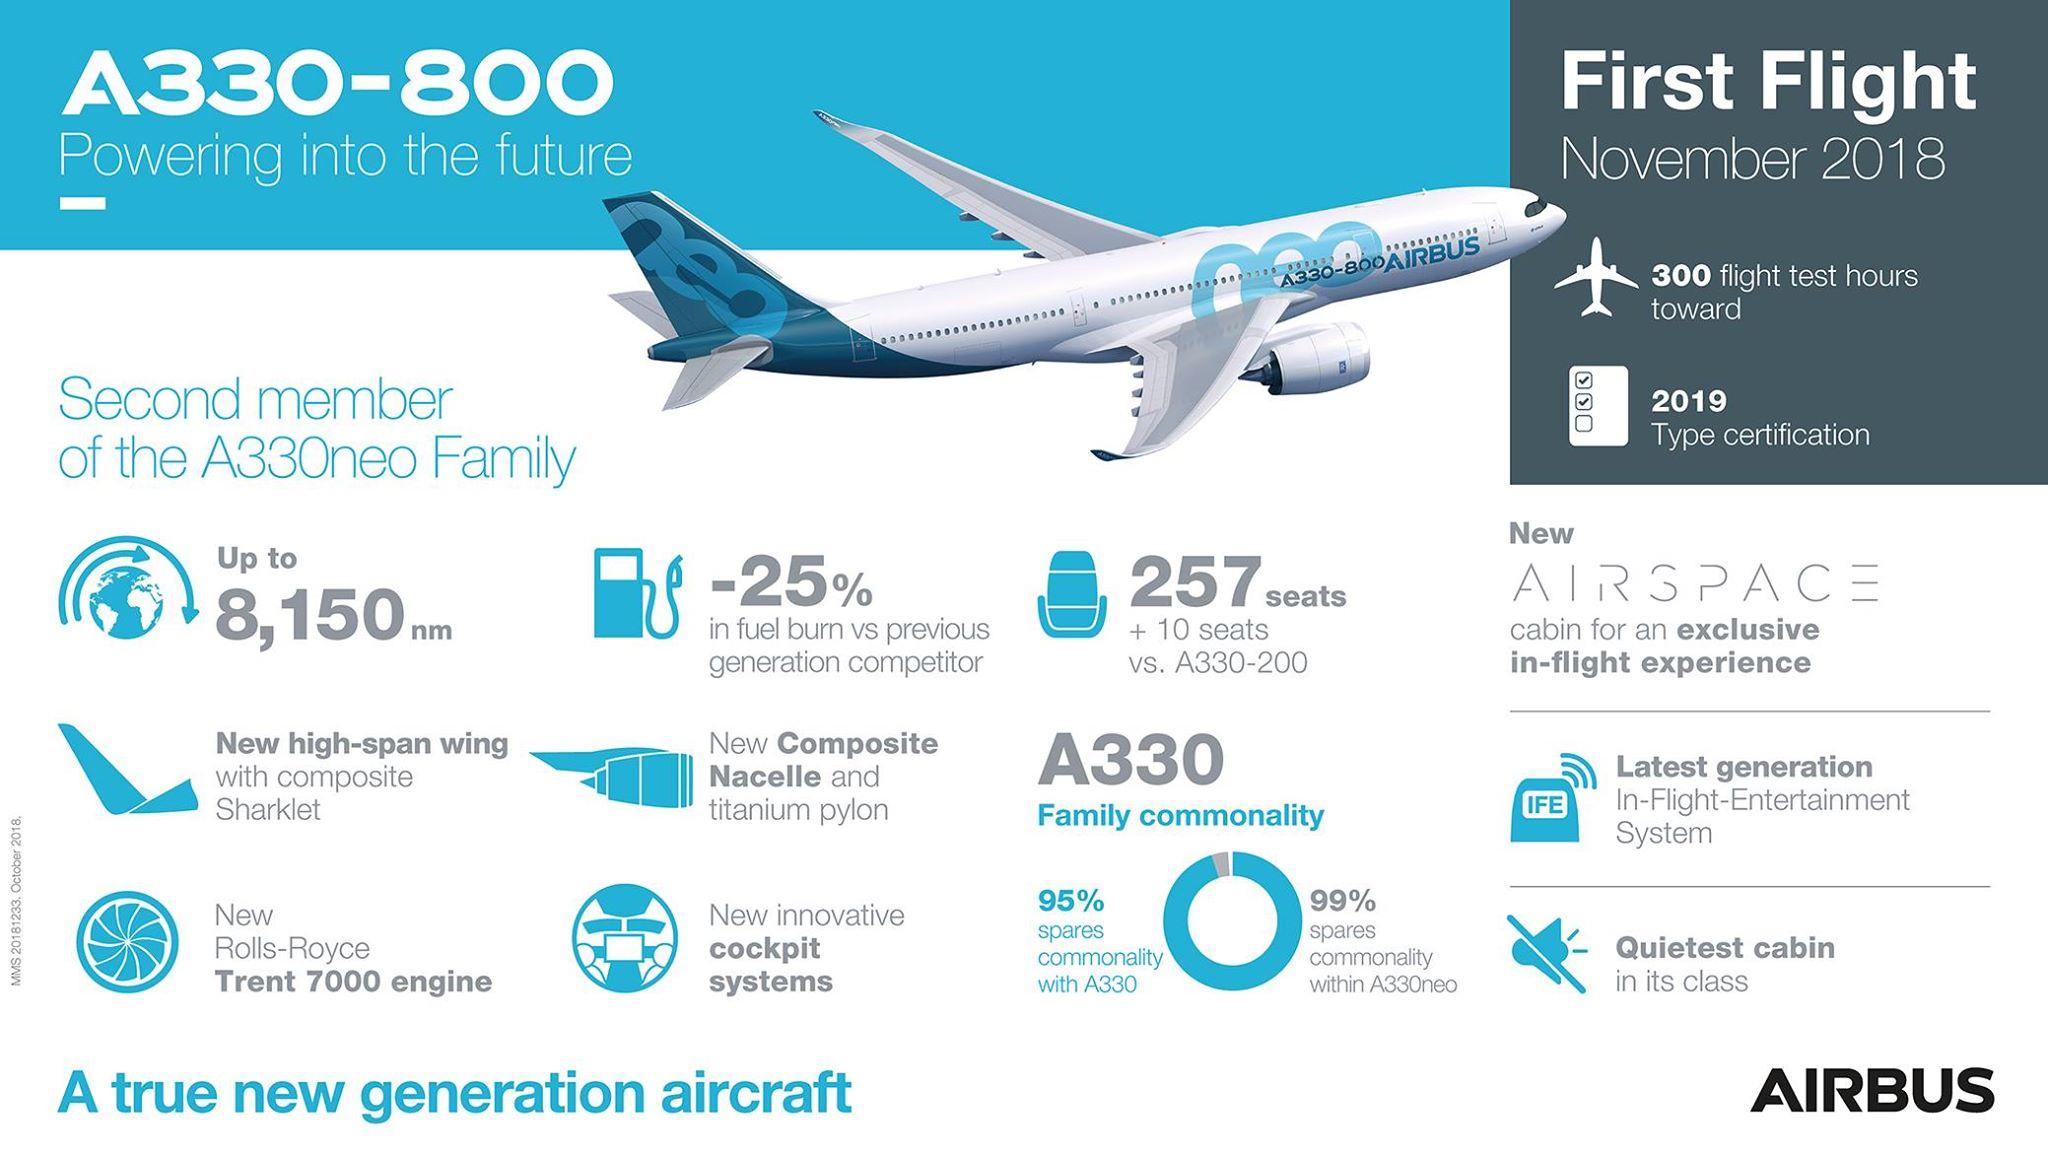 toulouse le premier airbus a330 800 d colle pour son vol inaugural. Black Bedroom Furniture Sets. Home Design Ideas